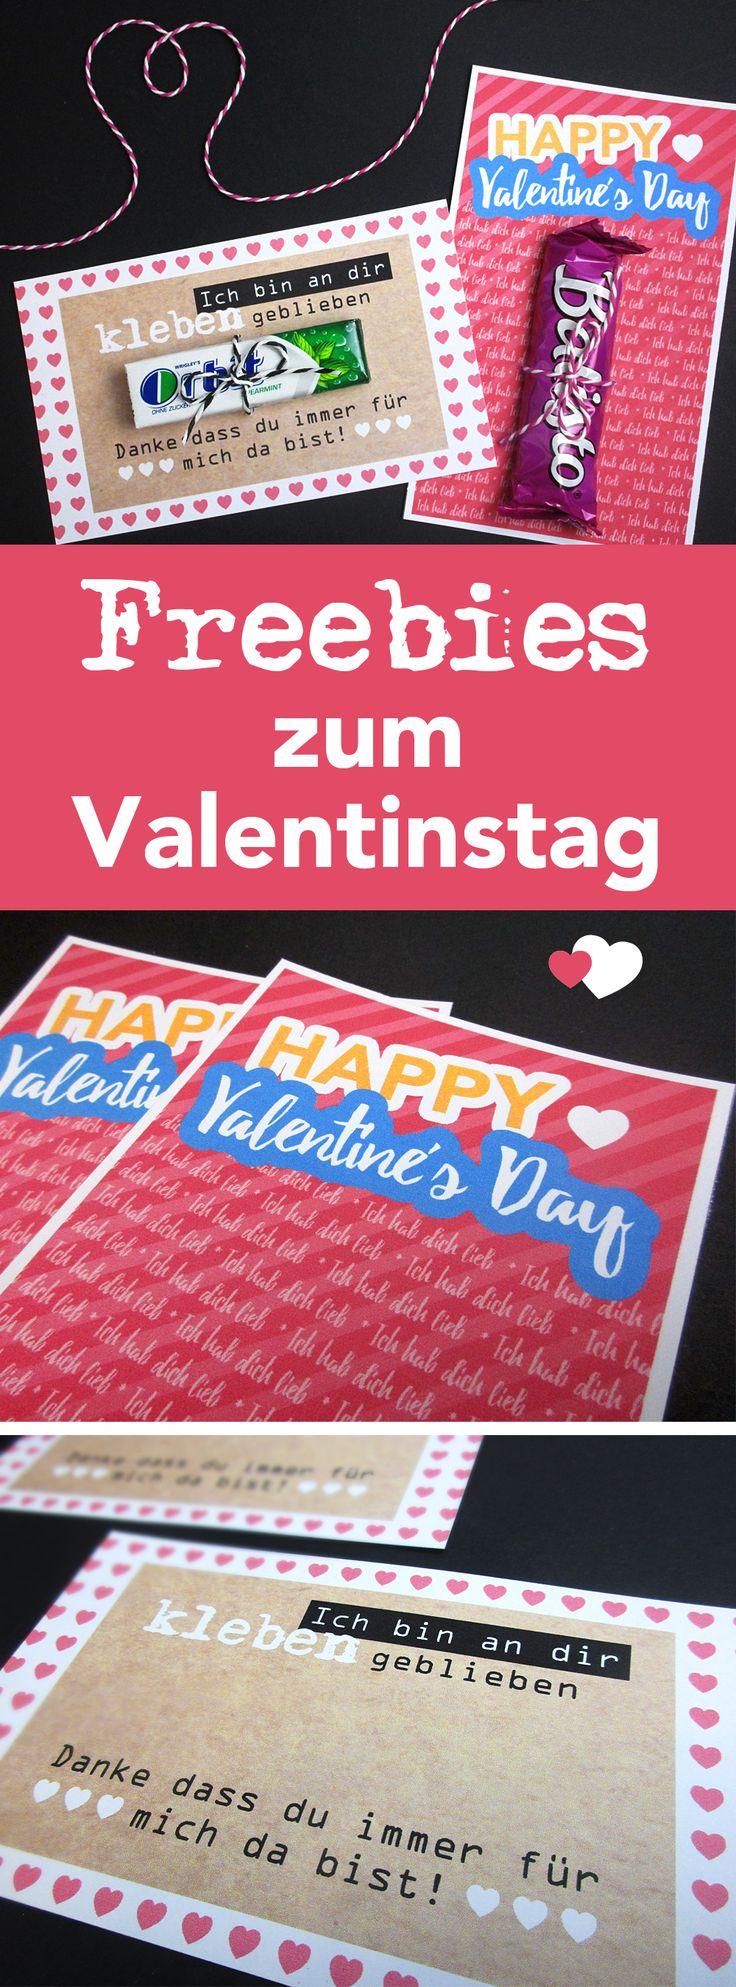 Zwei Geschenkideen Für Den Valentinstag Mit Freebies Zum Runterladen! # Valentinstag #geschenkidee #printable